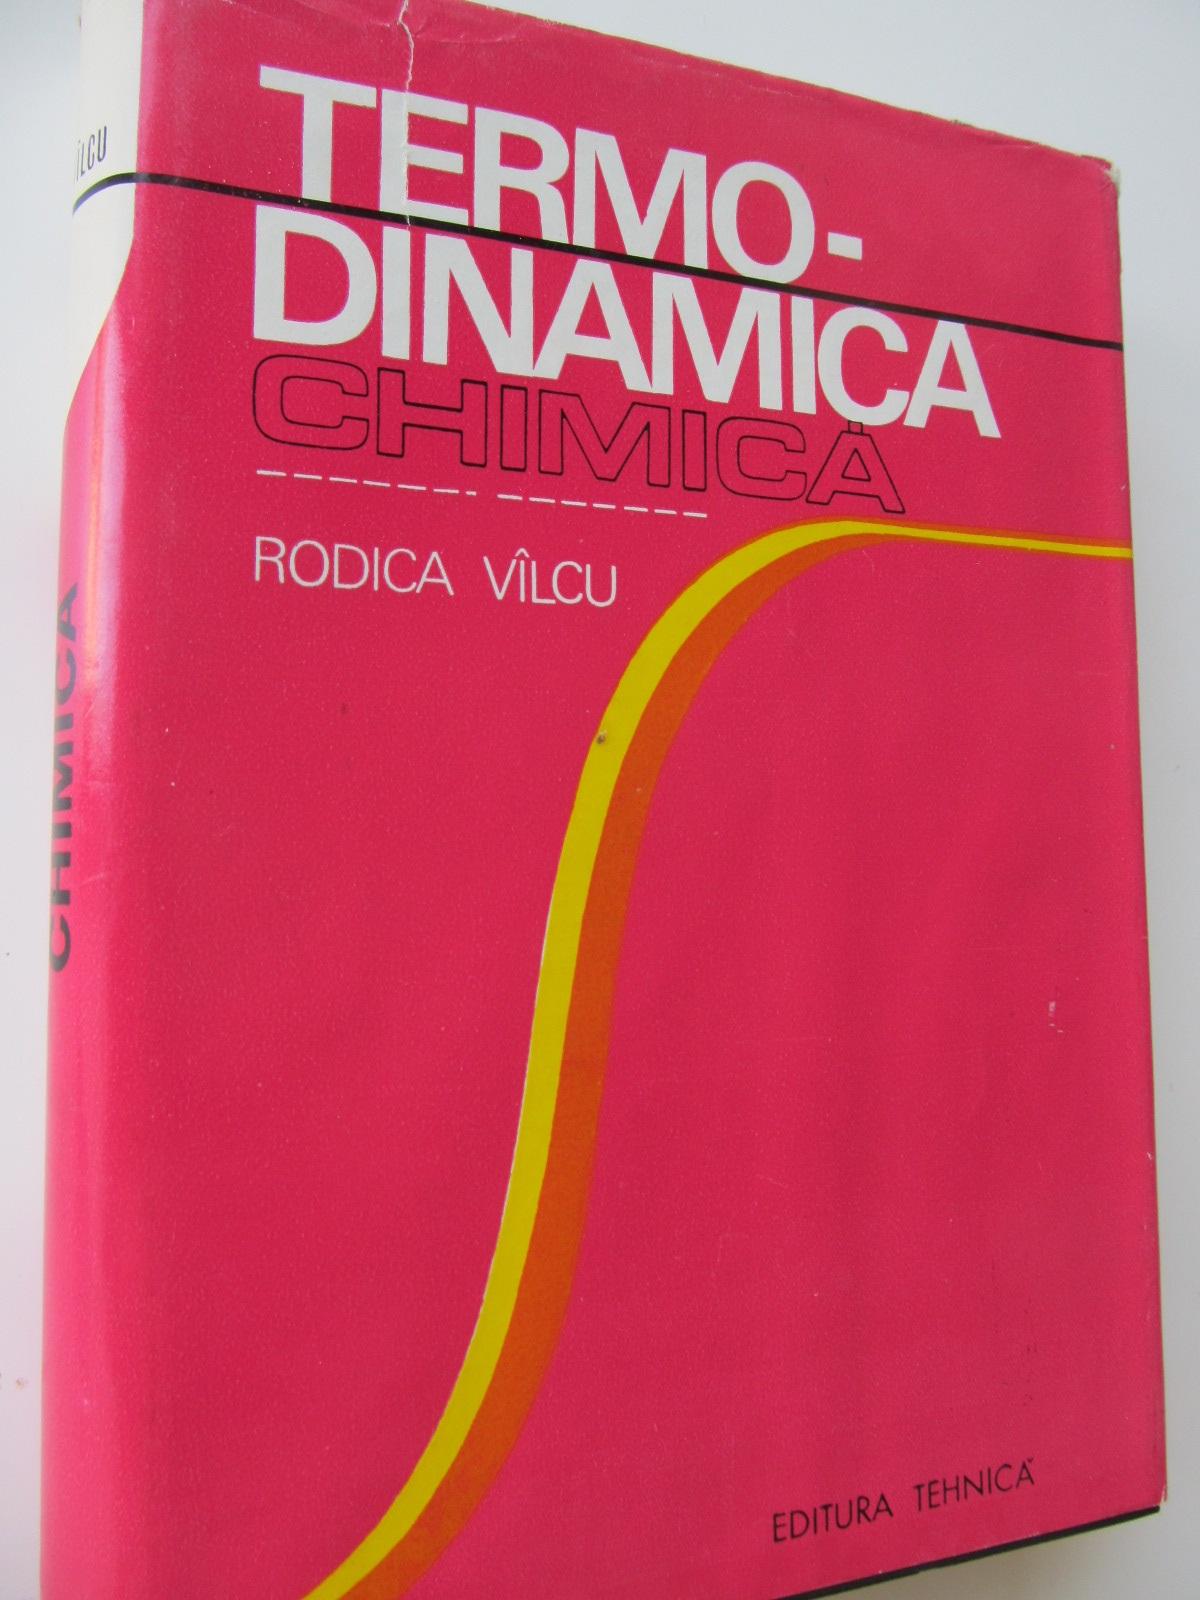 Termodinamica chimica - Rodica Valcu | Detalii carte